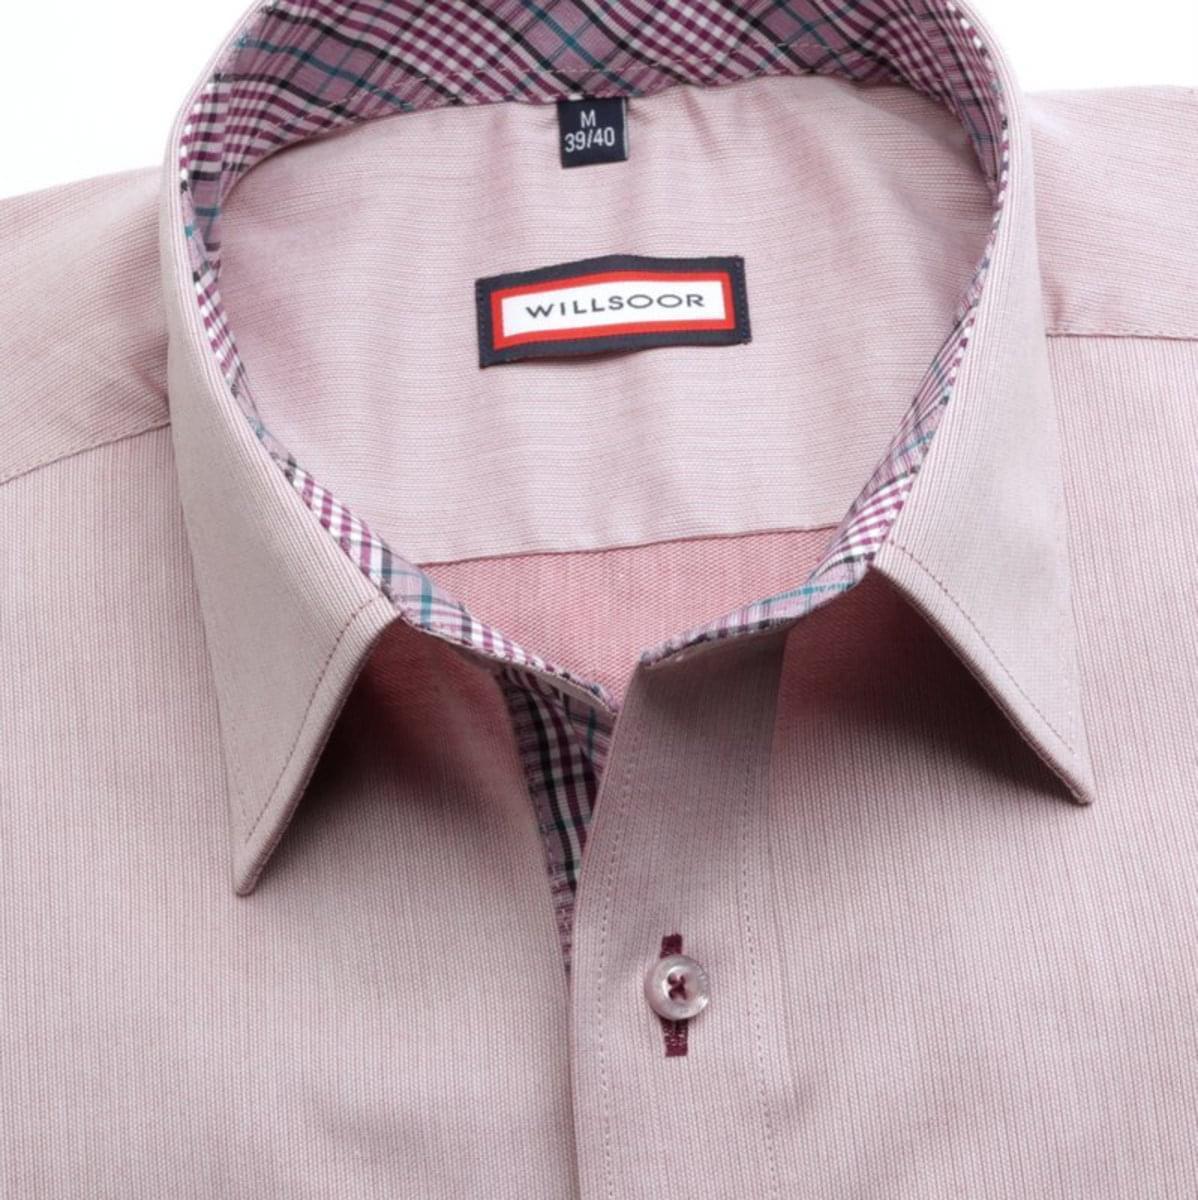 Pánska klasická košeľa (výška 188-194) 7447 vo fialkovej farbe 188-194 / XL (43/44)